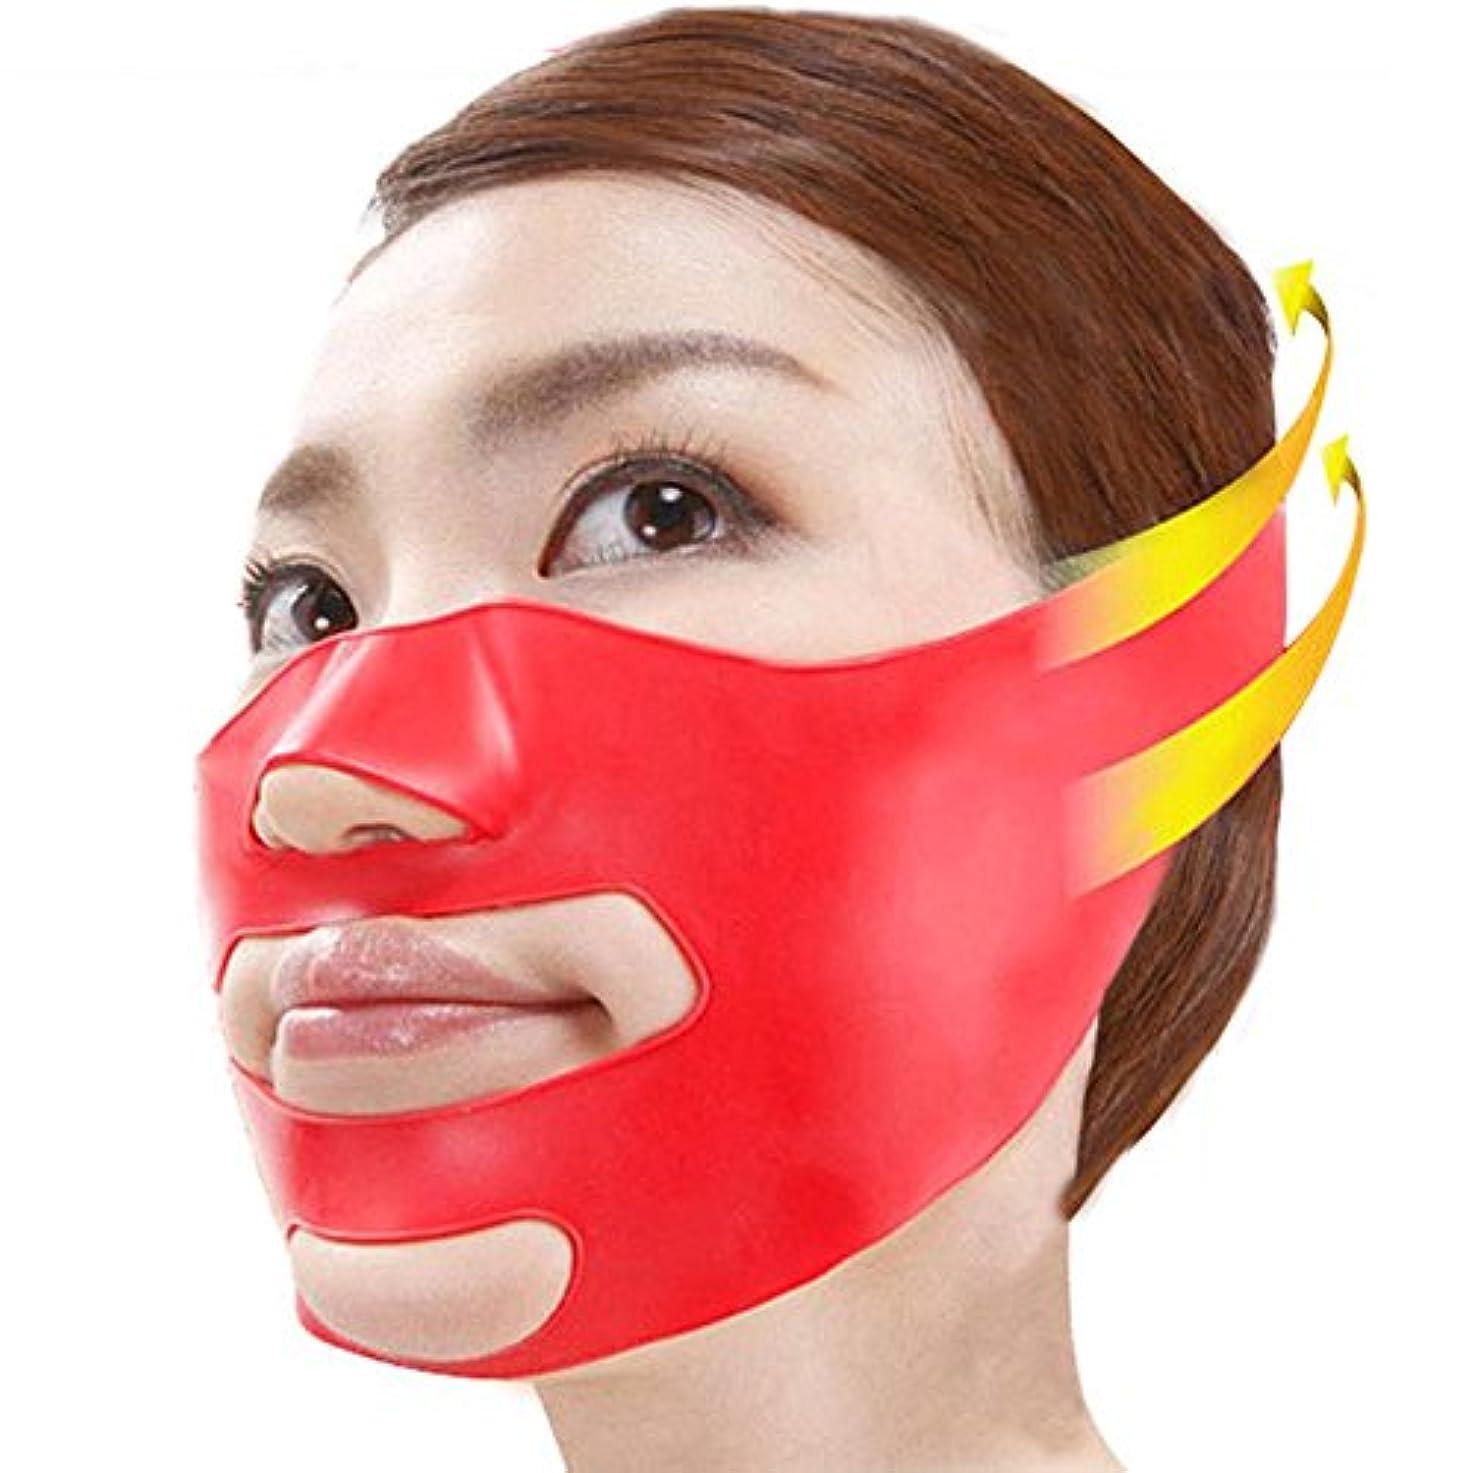 大腿一救い3D 小顔 マッサージグッズ フェイスマスク 美容 顔痩せ ほうれい線 消す グッズ 美顔 矯正 (フリーサイズ, レッド)